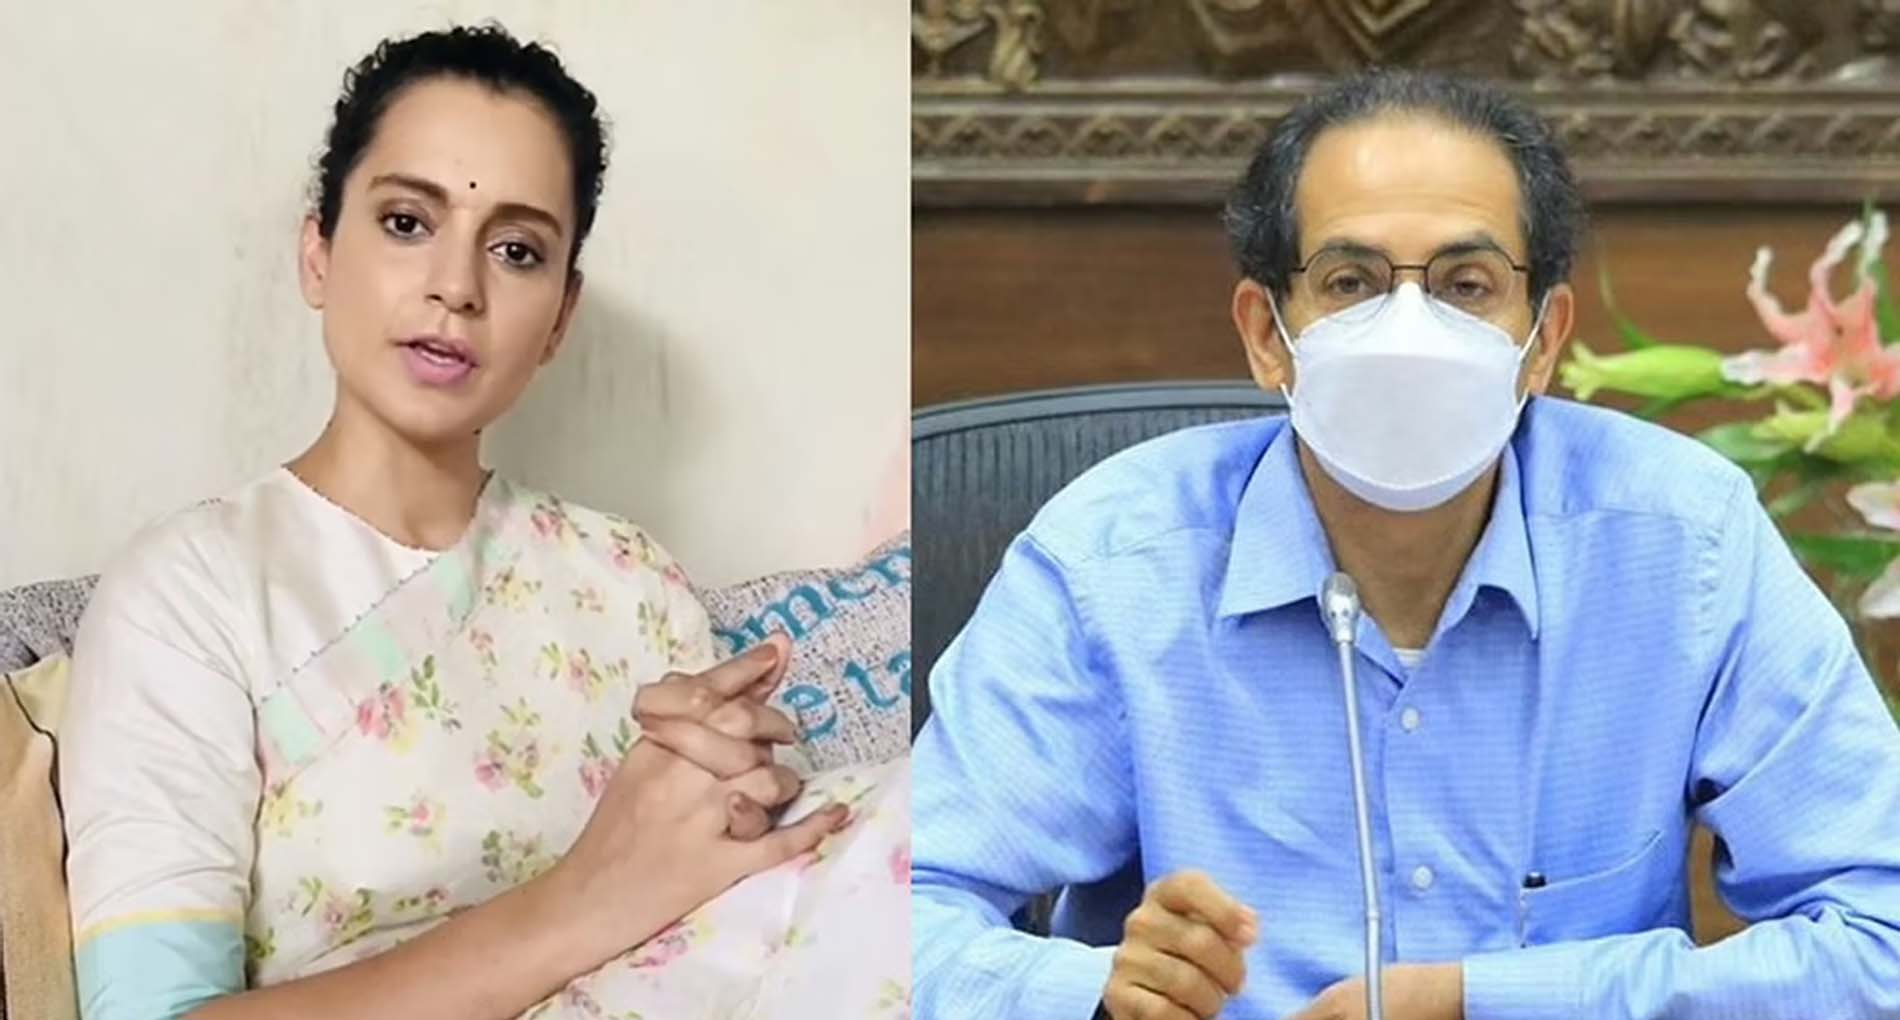 कंगना रनौत ने दाखिल की बॉम्बे हाई कोर्ट में संशोधित याचिका, BMC से इतने करोड़ मुआवजे की मांग